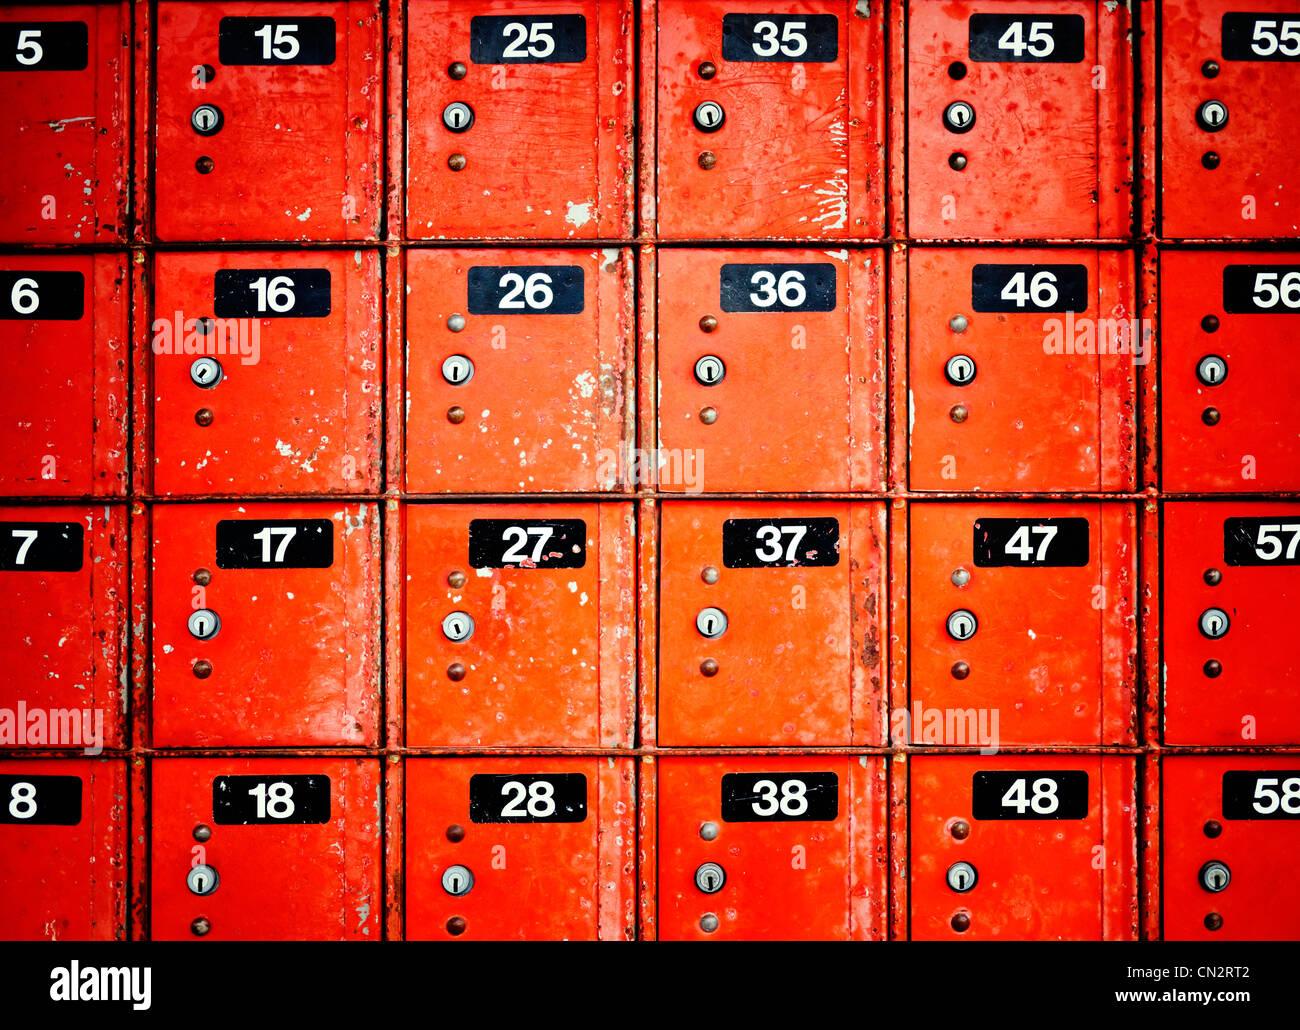 PO Boxes, New Zealand. - Stock Image